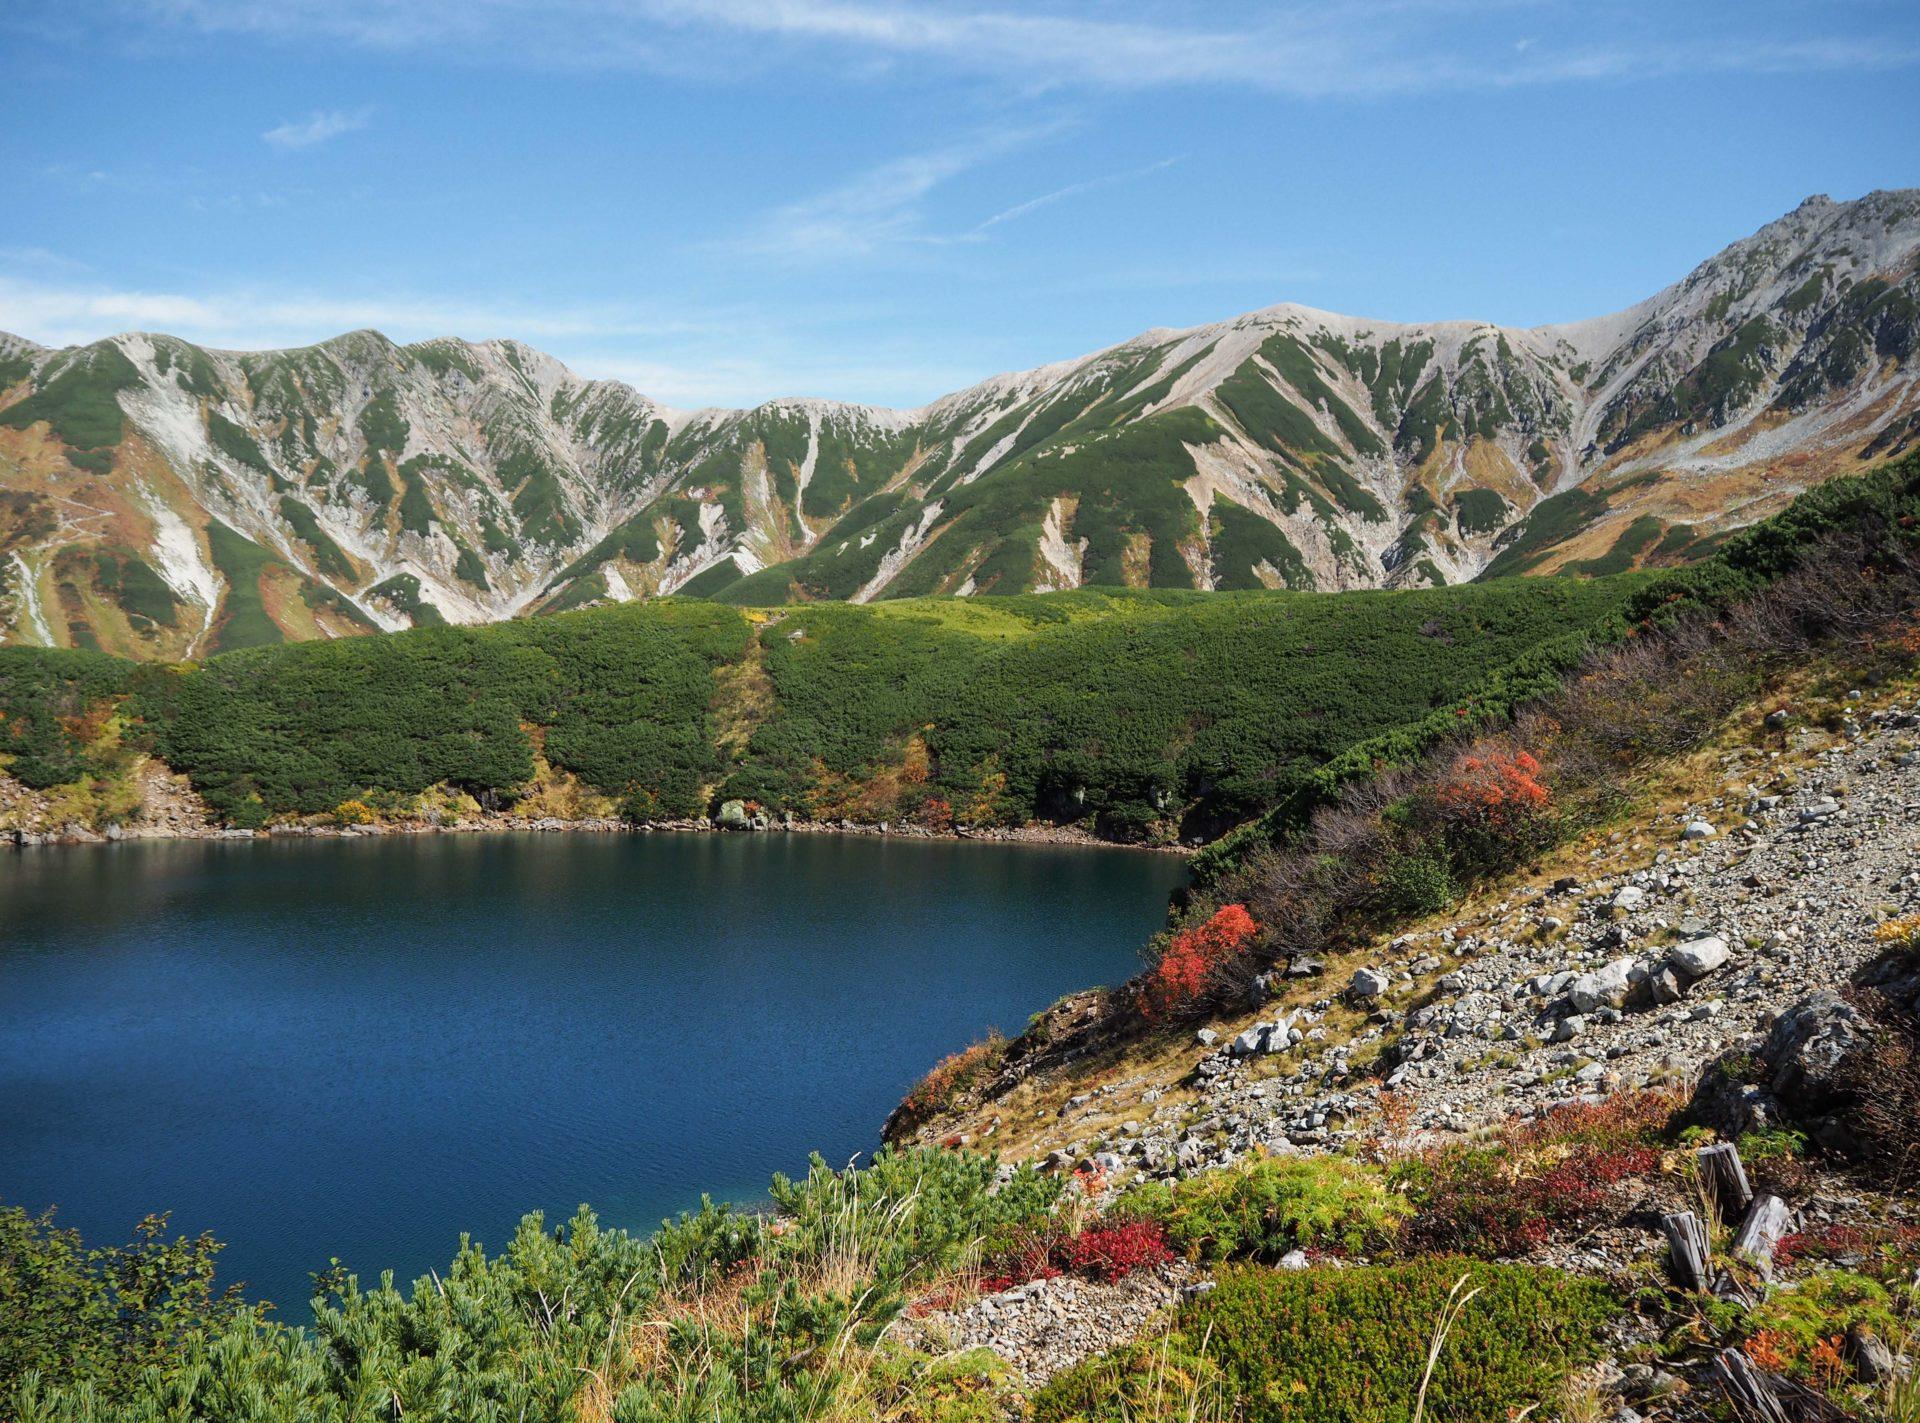 Le lac deMikurigaike - Série photo dans les Alpes Japonaises - Photo Alpes Japonaises - Toyama - Murodo - Tateyama - Japon